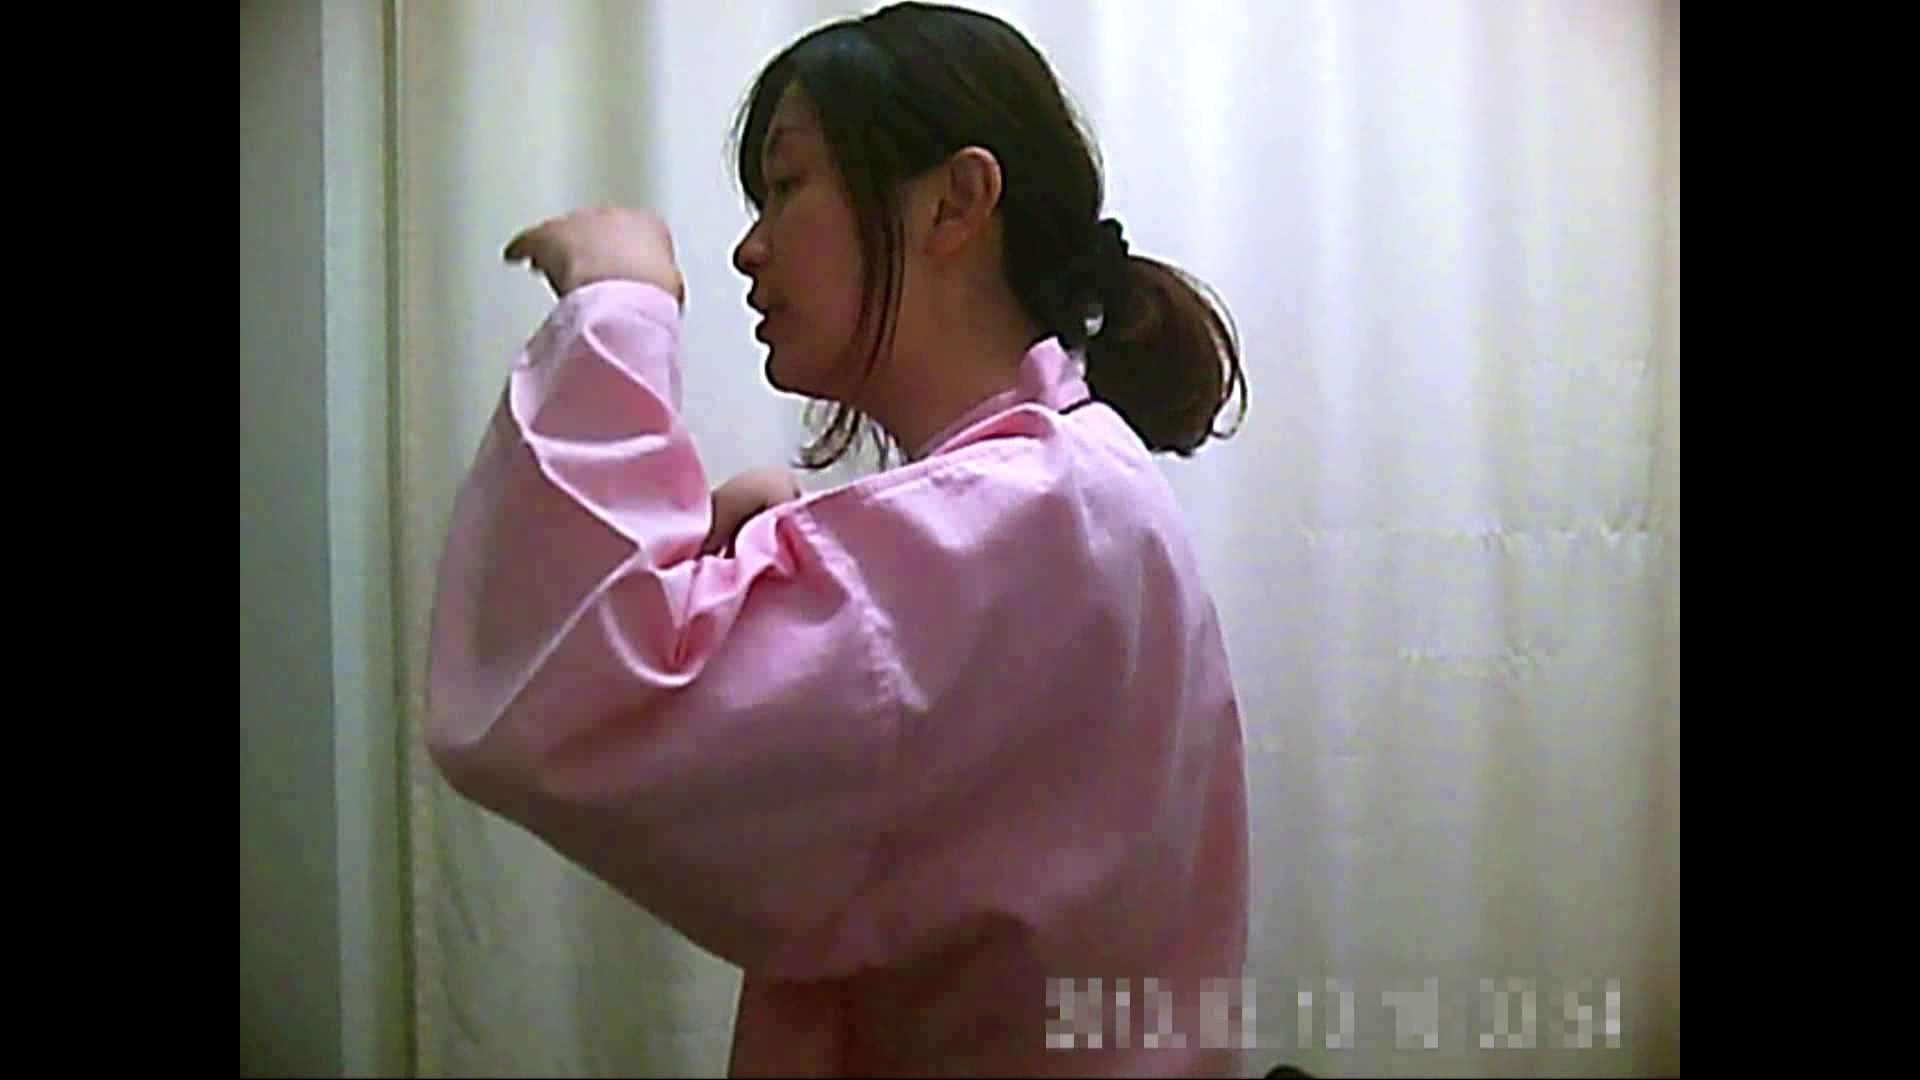 元医者による反抗 更衣室地獄絵巻 vol.097 OLハメ撮り  39Pix 13